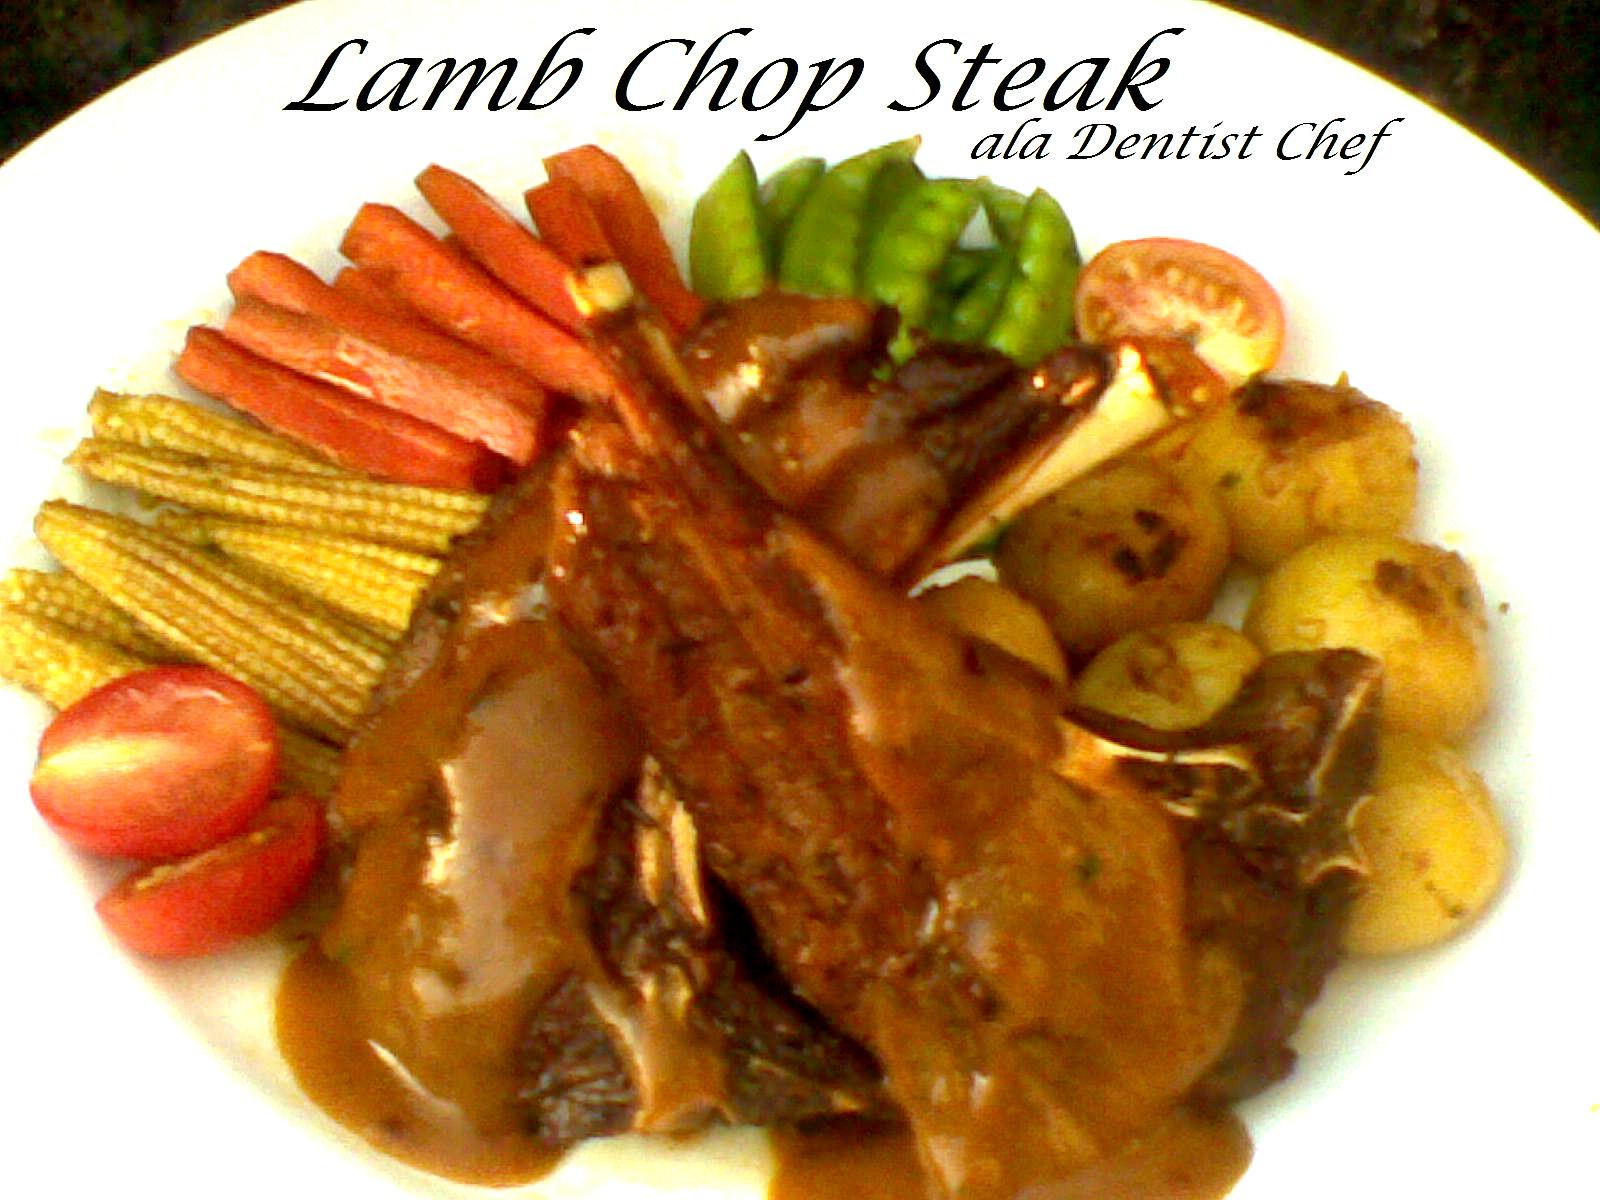 lamb chop steak resep Resep Lamb Chop: Pan Grilled  DENTIST CHEF